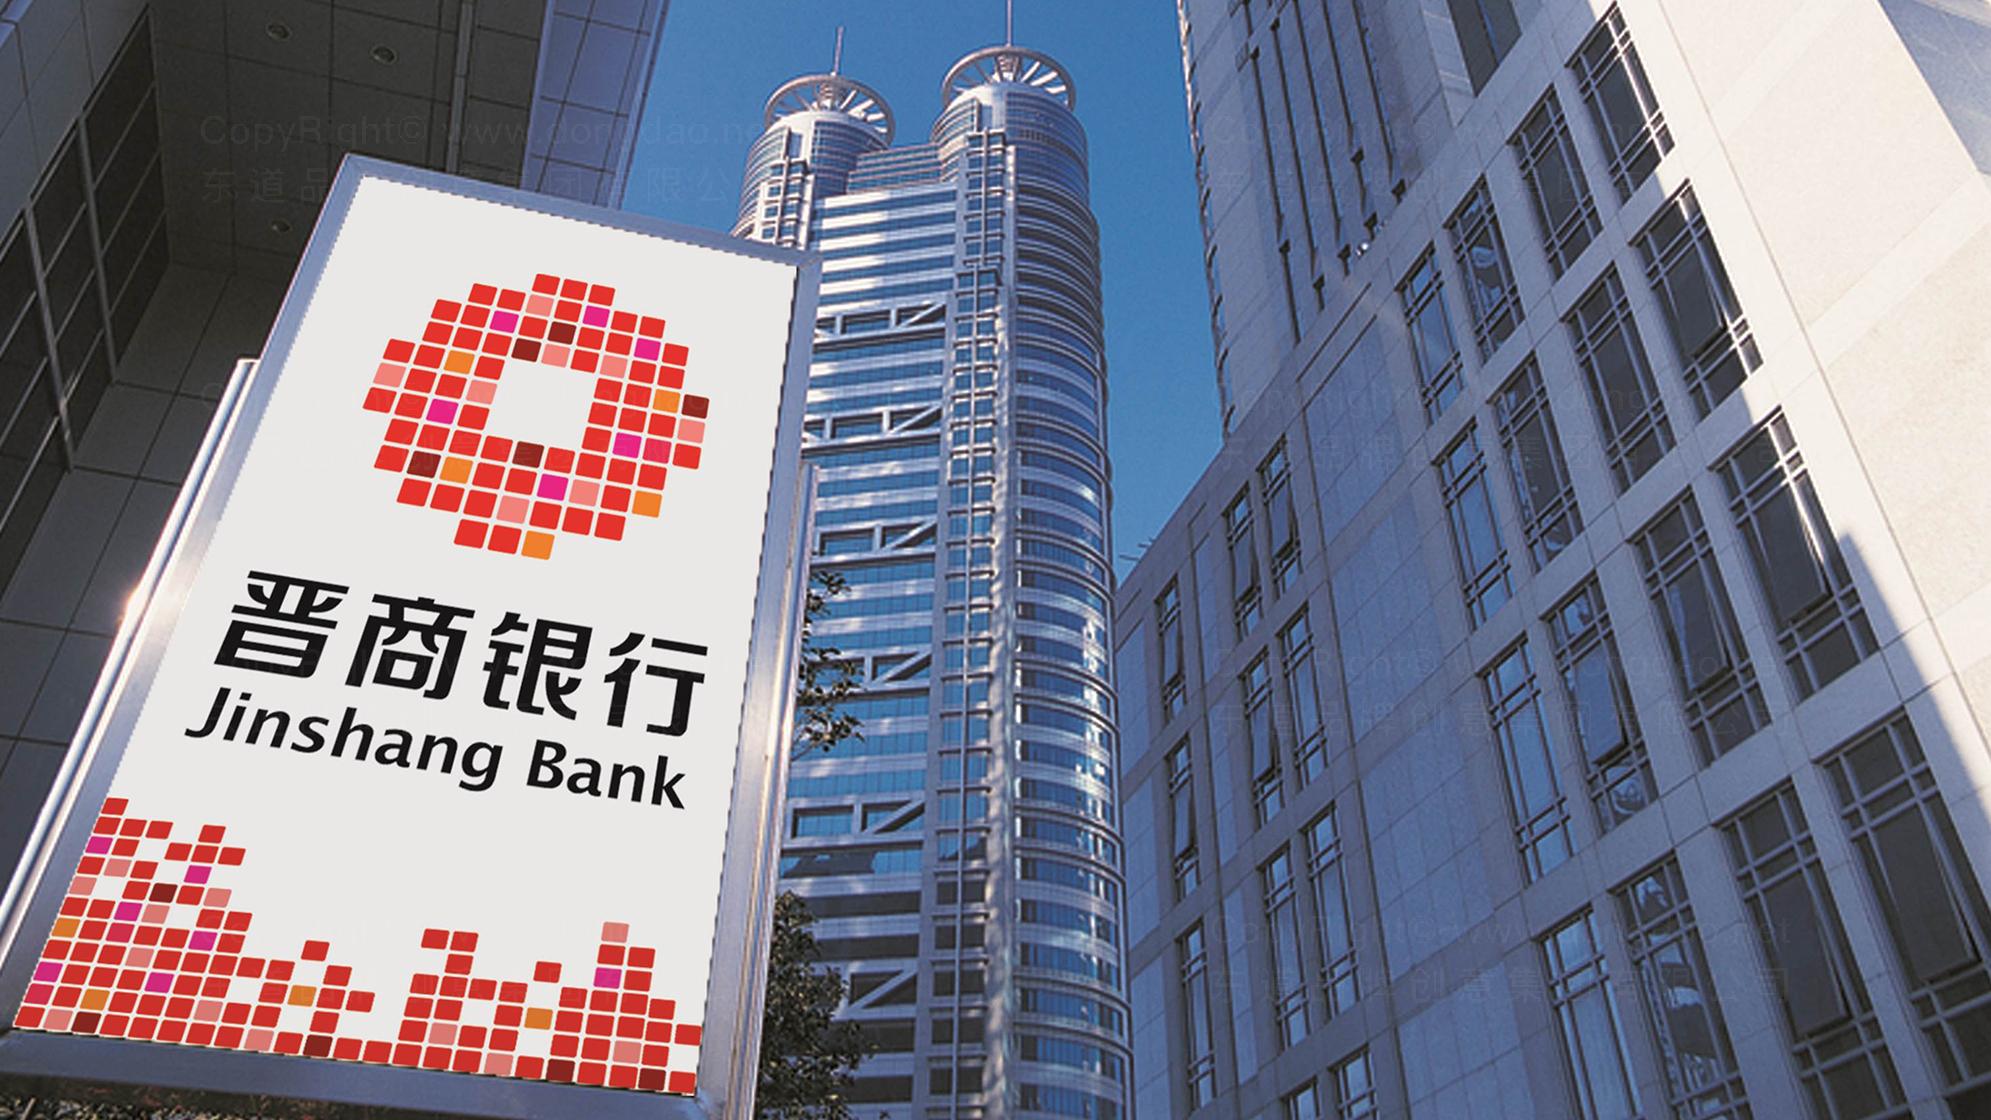 品牌设计晋商银行LOGO&VI设计应用场景_7